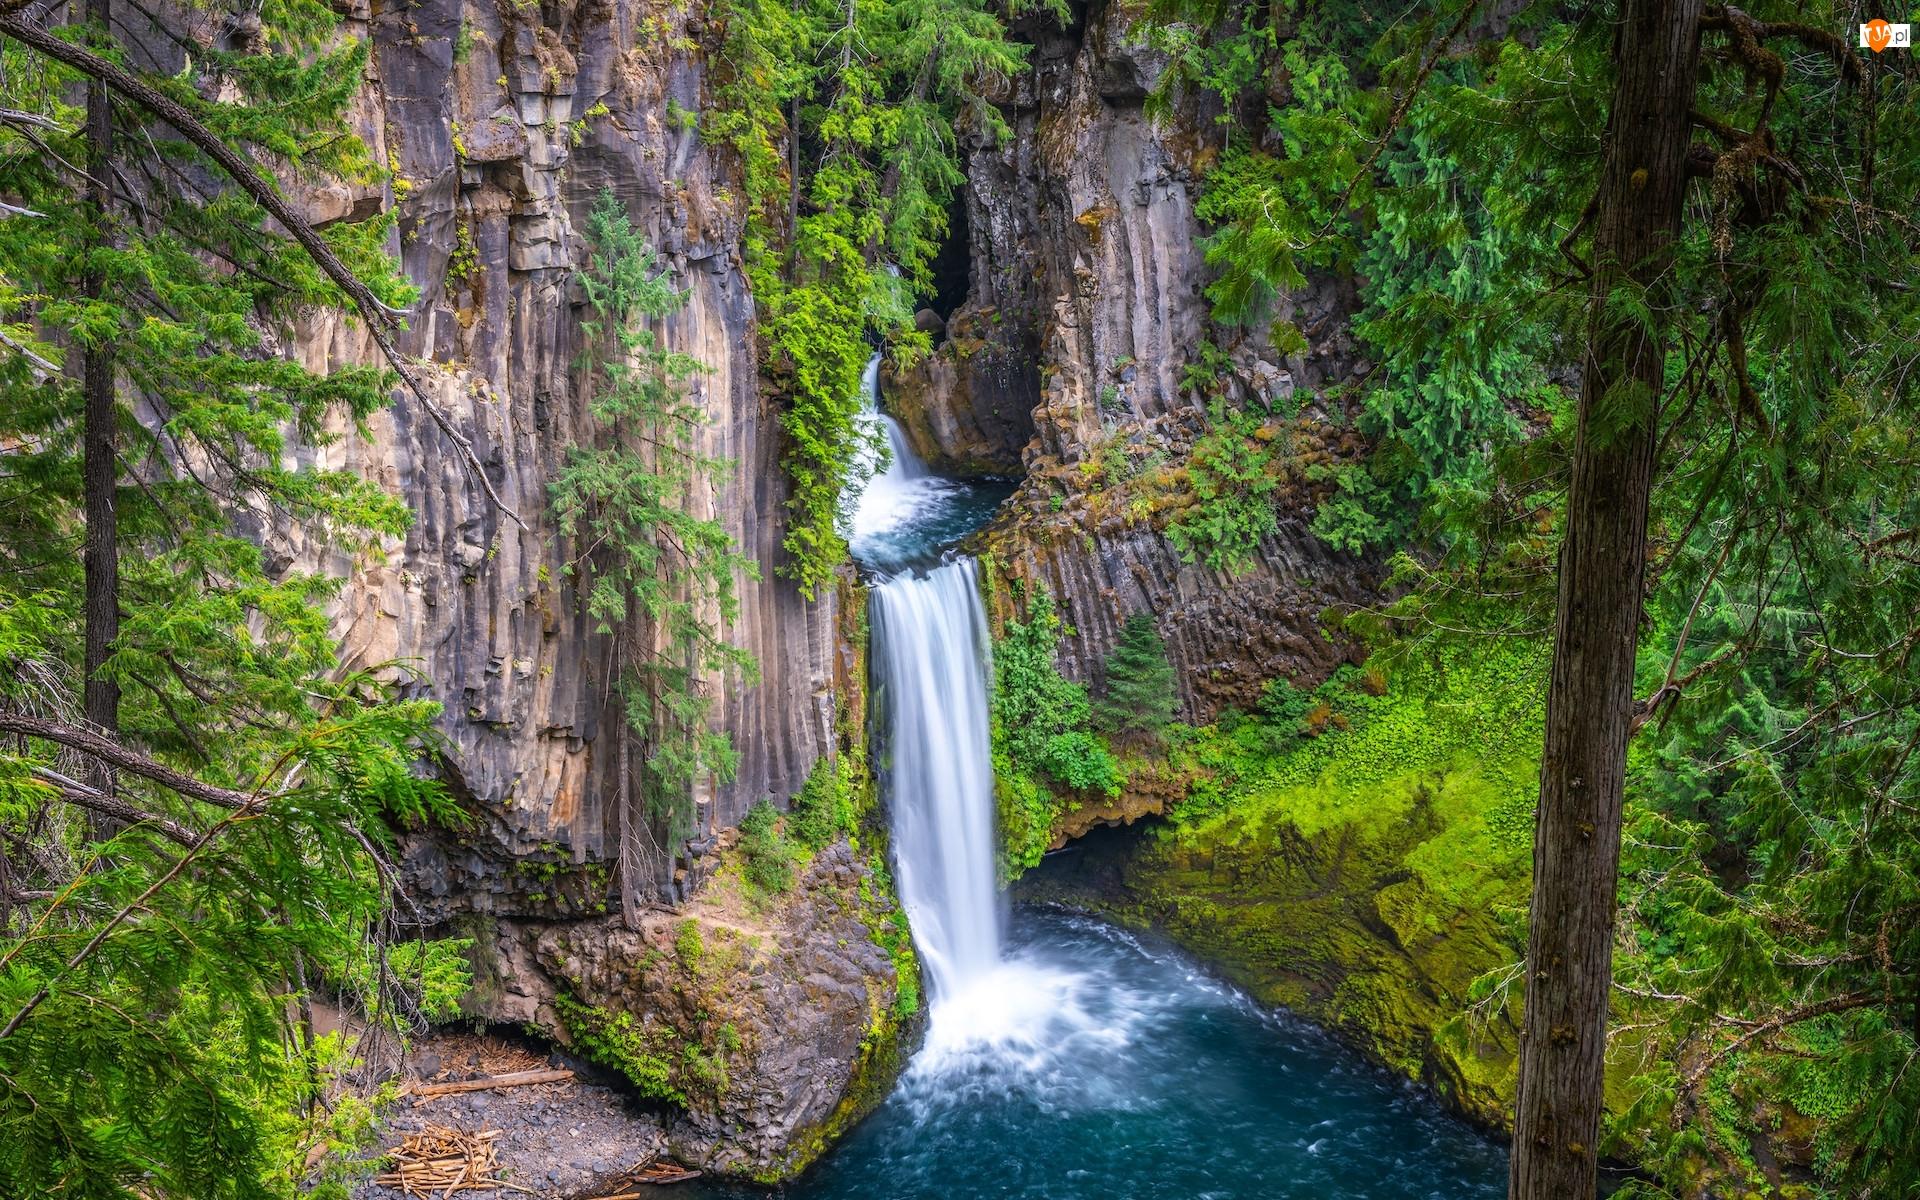 Stany Zjednoczone, Zielone, Oregon, Wodospad Toketee, Park Narodowy Jeziora Kraterowego, Drzewa, Rośliny, Las, Skały